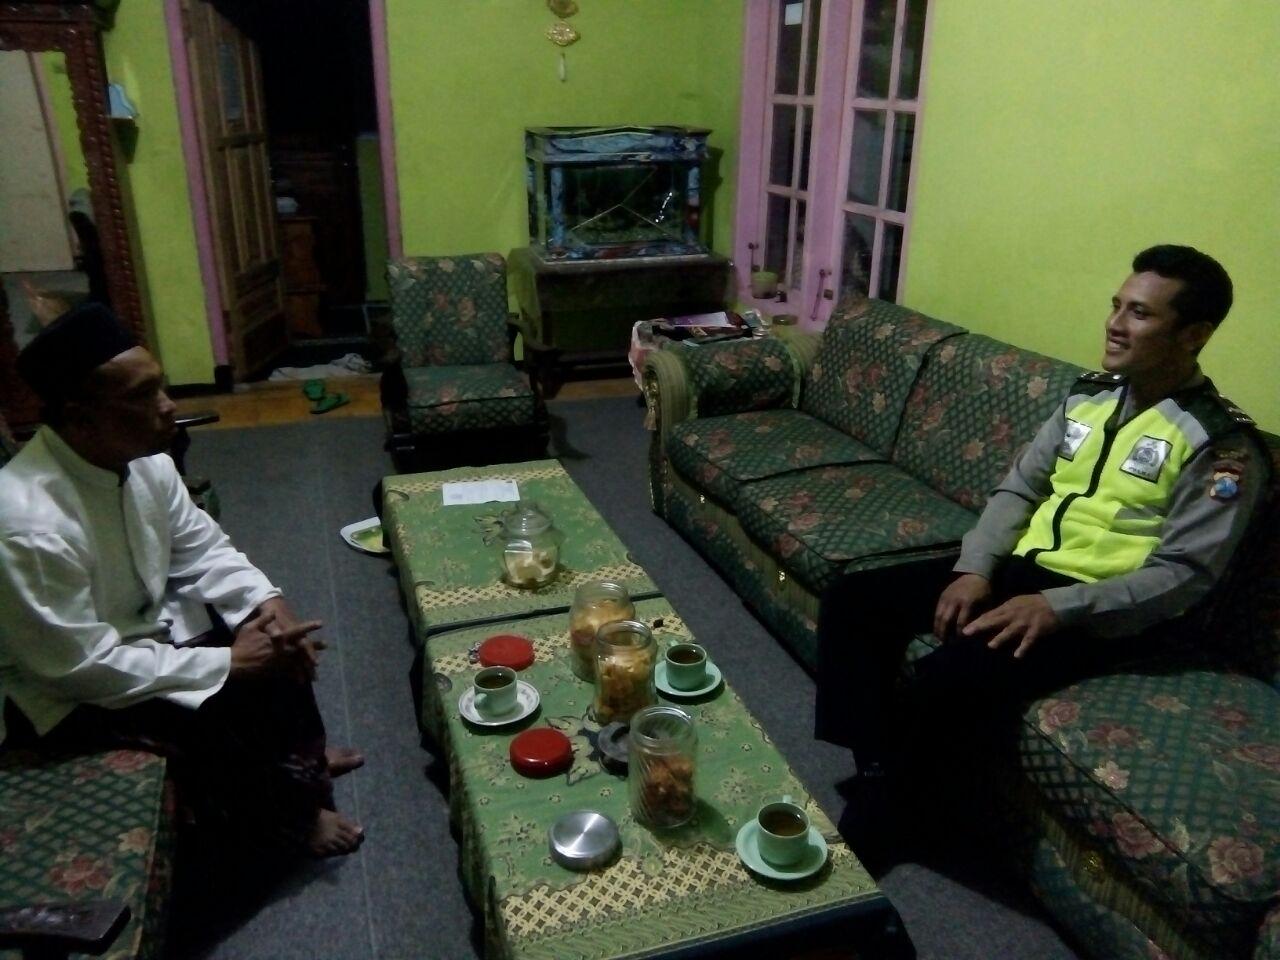 Anggota Bhabin Polsek Pujon Polres Batu Melaksanakan Sambangi Tokoh Agama Desa Madiredo